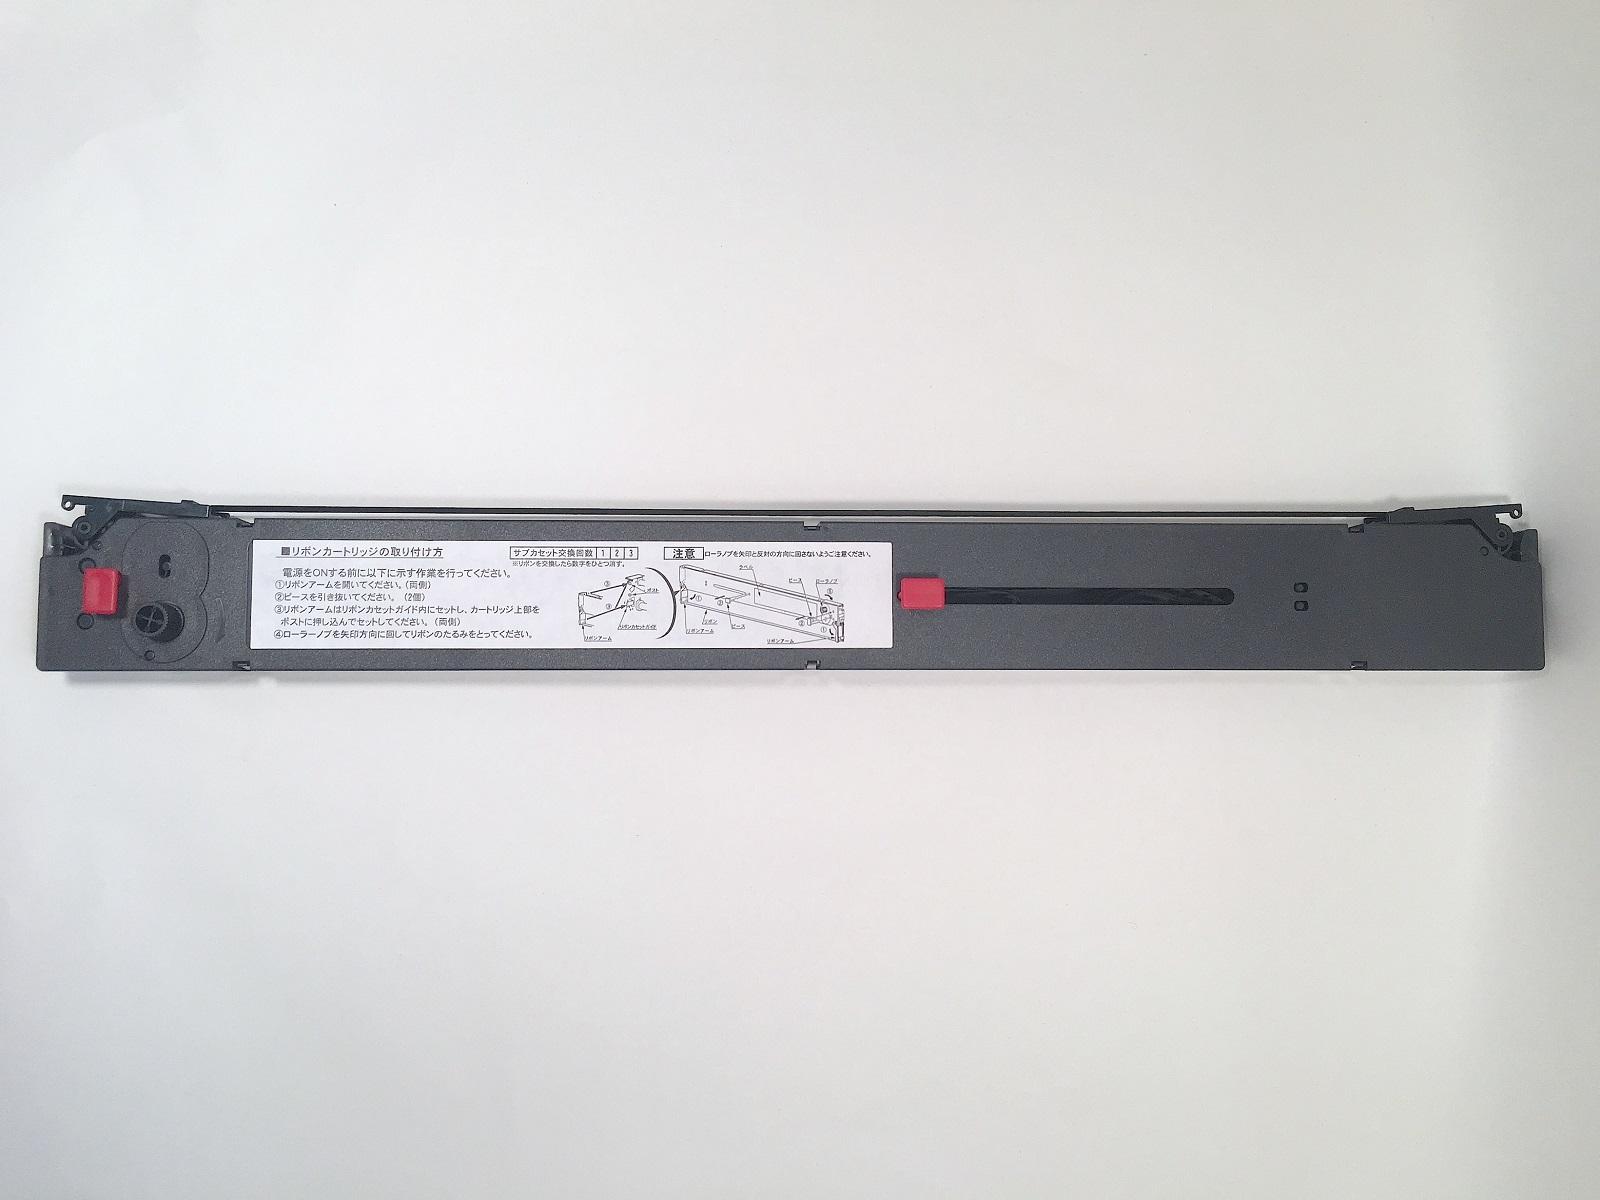 日立/ HITACHI 用 汎用品インクリボンPCPZ-140811 (PCPD4081)(BK) HITACHI 用/ 6個セット(送料無料), ShoeSquare(シュースクエア):3923c24f --- data.gd.no